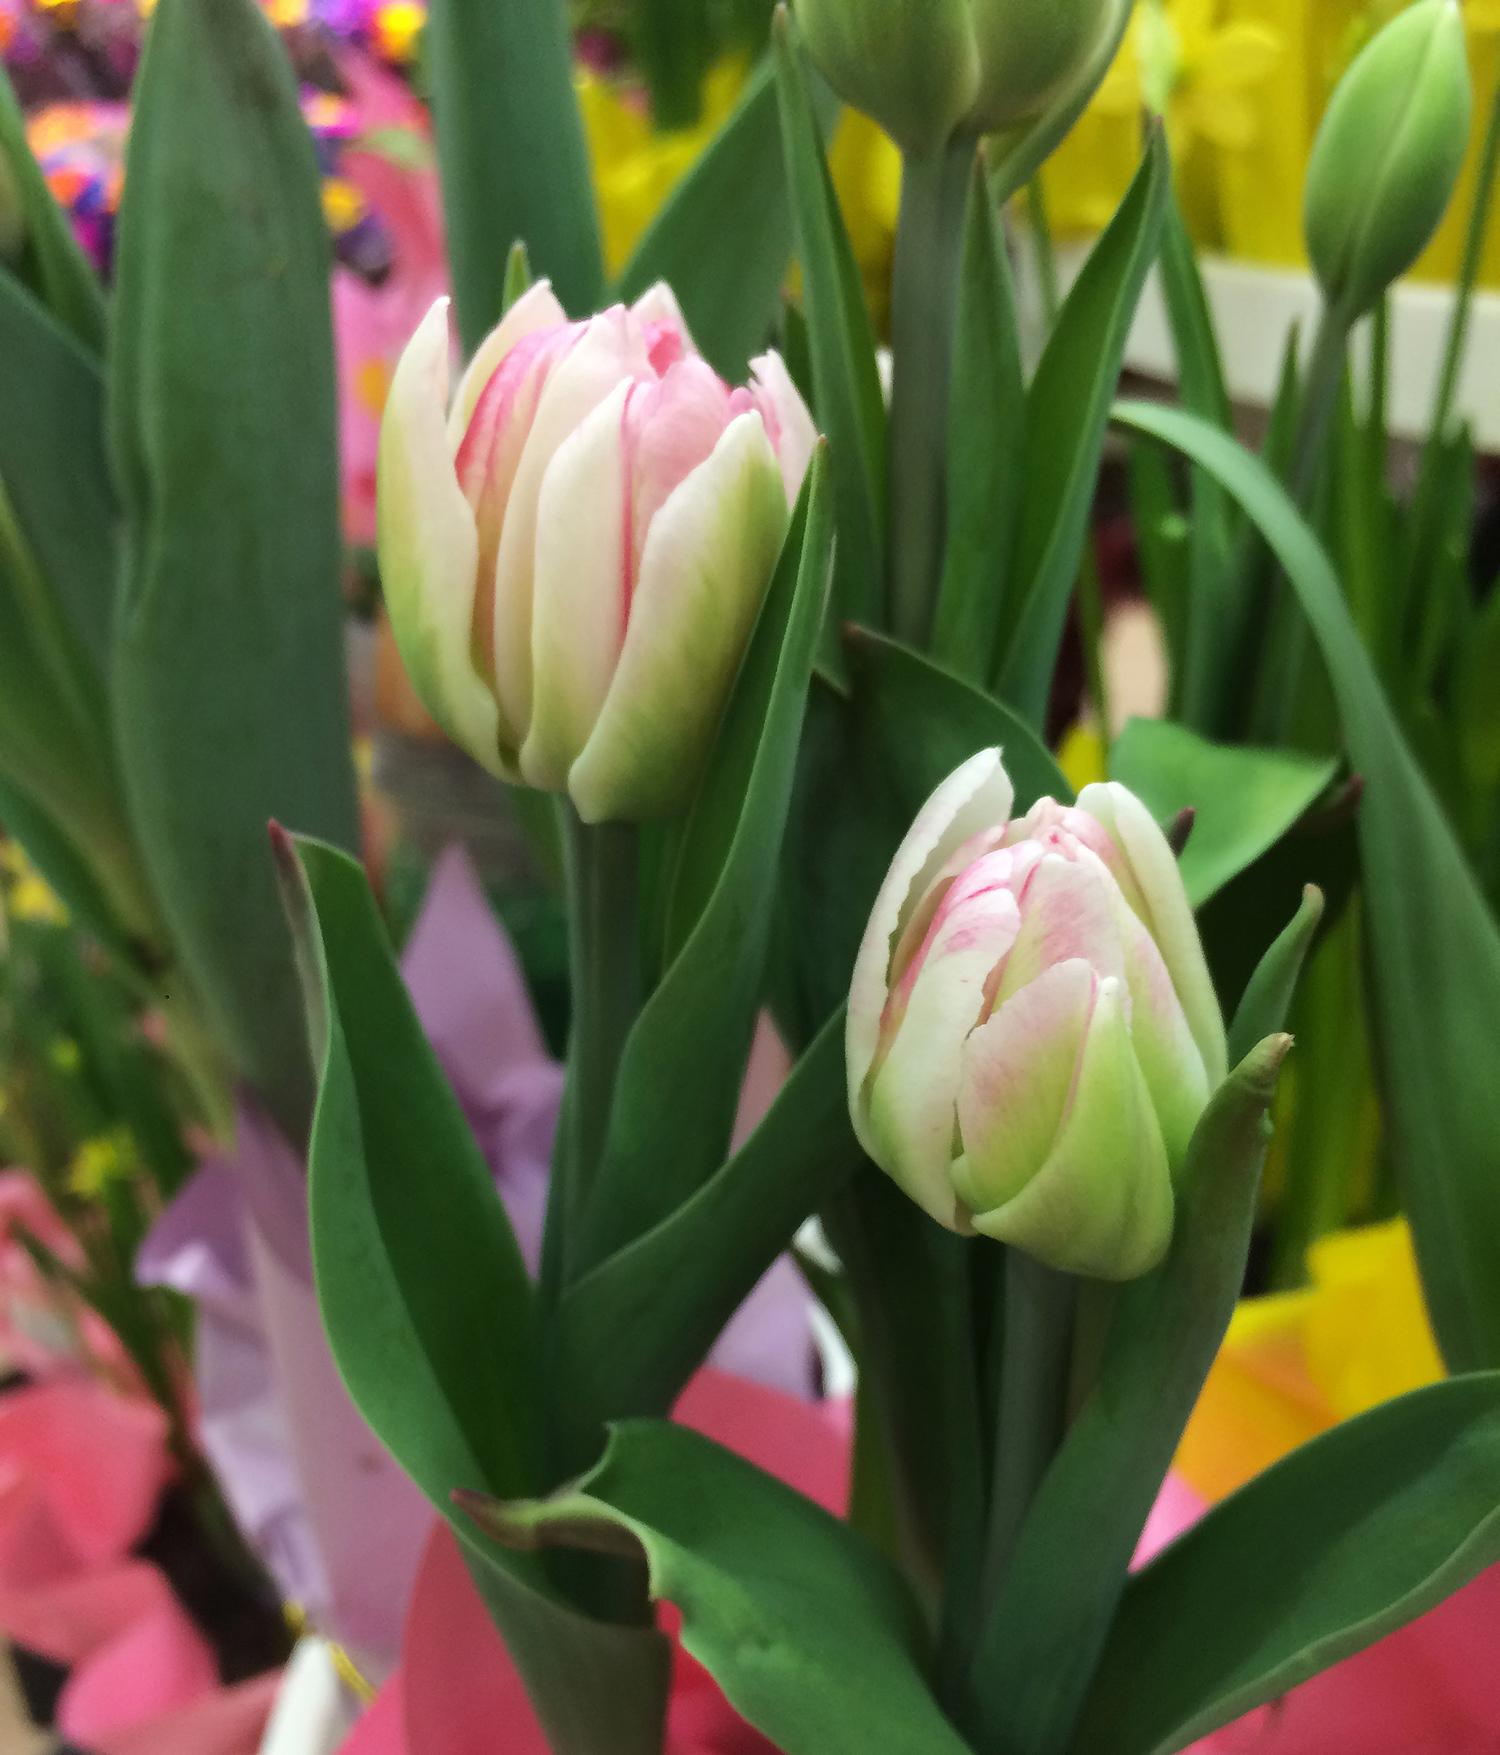 tulip-nursery-Squarespace-IMG_2948.jpg